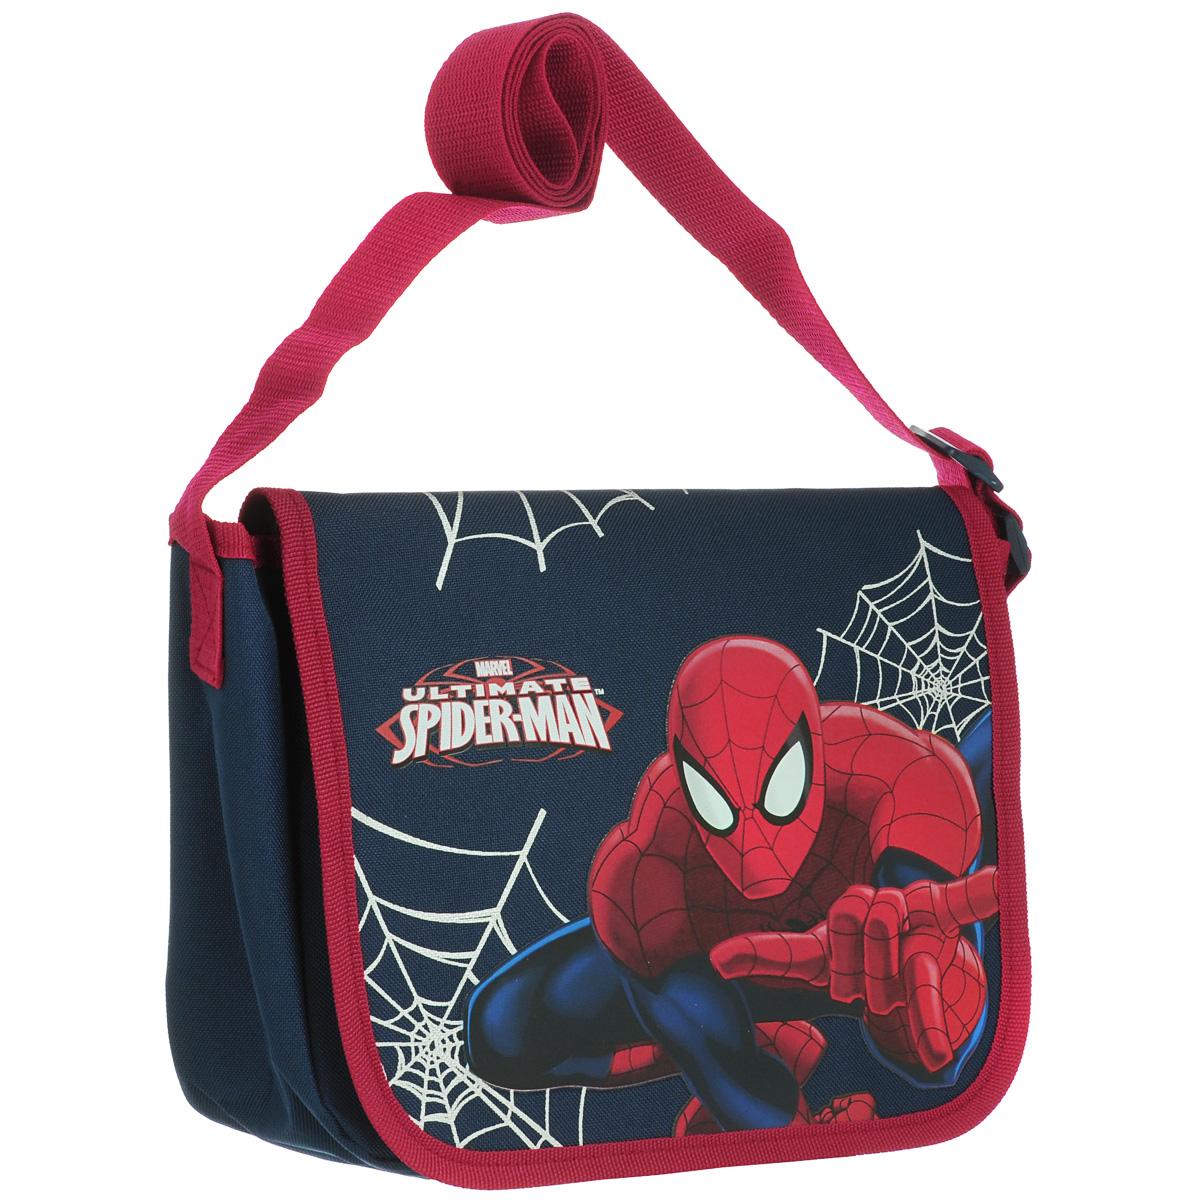 Сумка детская на плечо Spider-Man, цвет: синий, красный. SMAP-UT-4072BA7426Детская сумка Spider-Man выполнена из прочного полиэстера и оформлена термоаппликацией с изображением супергероя Человека-Паука. Сумочка содержит одно отделение и закрывается клапаном на липучках. Внутри находится пришивной кармашек для мелочей на молнии.Сумочка оснащена регулируемым по длине текстильным ремнем для переноски на плече, благодаря чему подойдет ребенку любого роста.